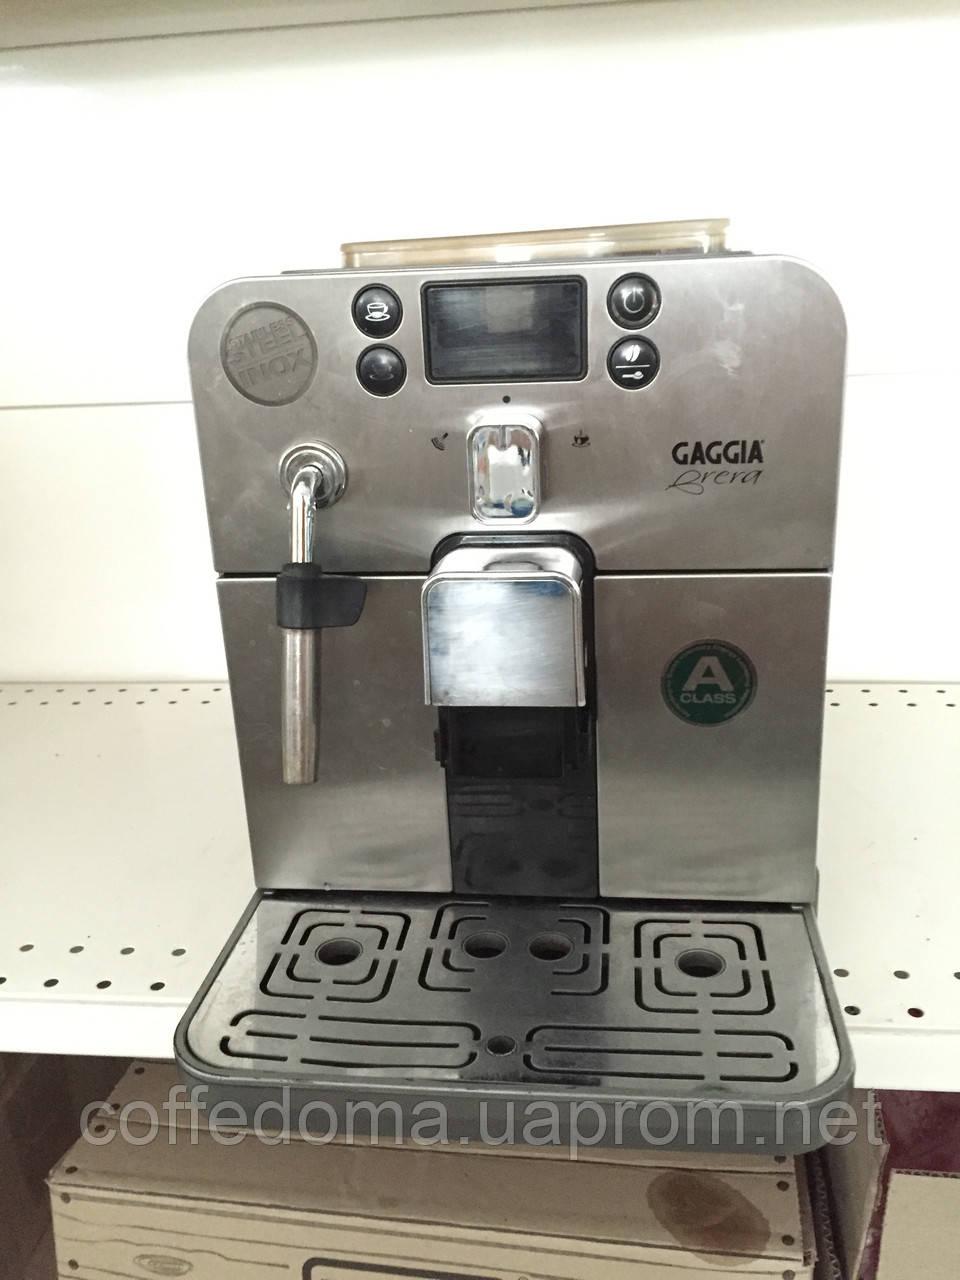 Gaggia Brera автоматическая кофемашина для дома или офиса